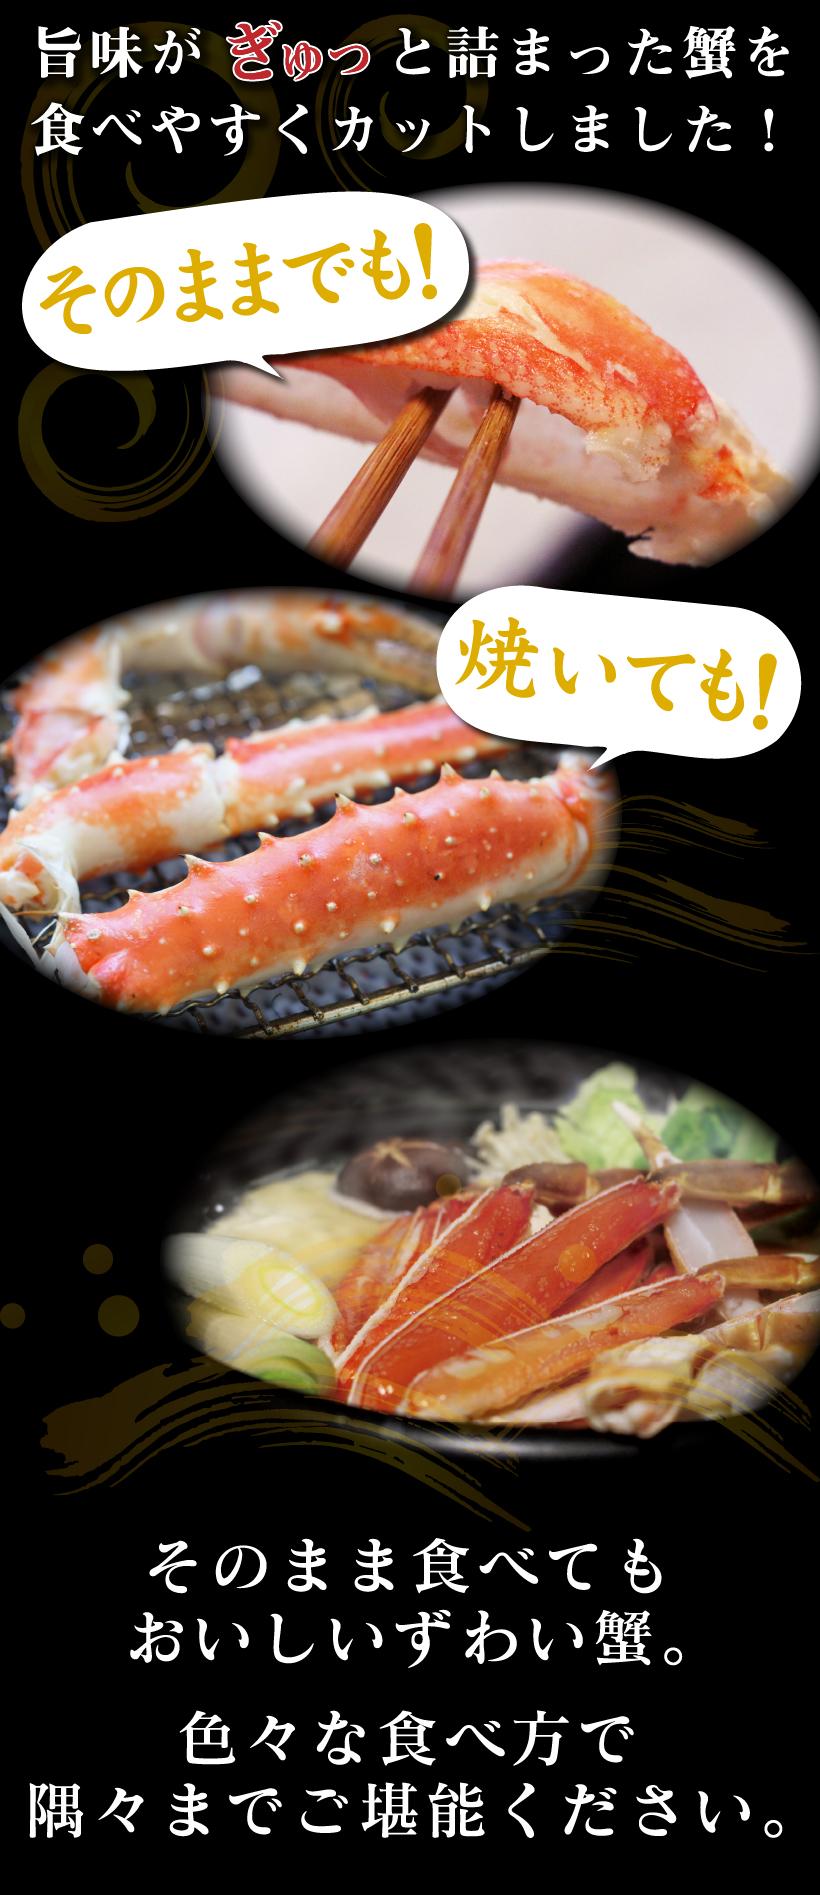 旨味がぎゅっと詰まった蟹を食べやすくカットしました!